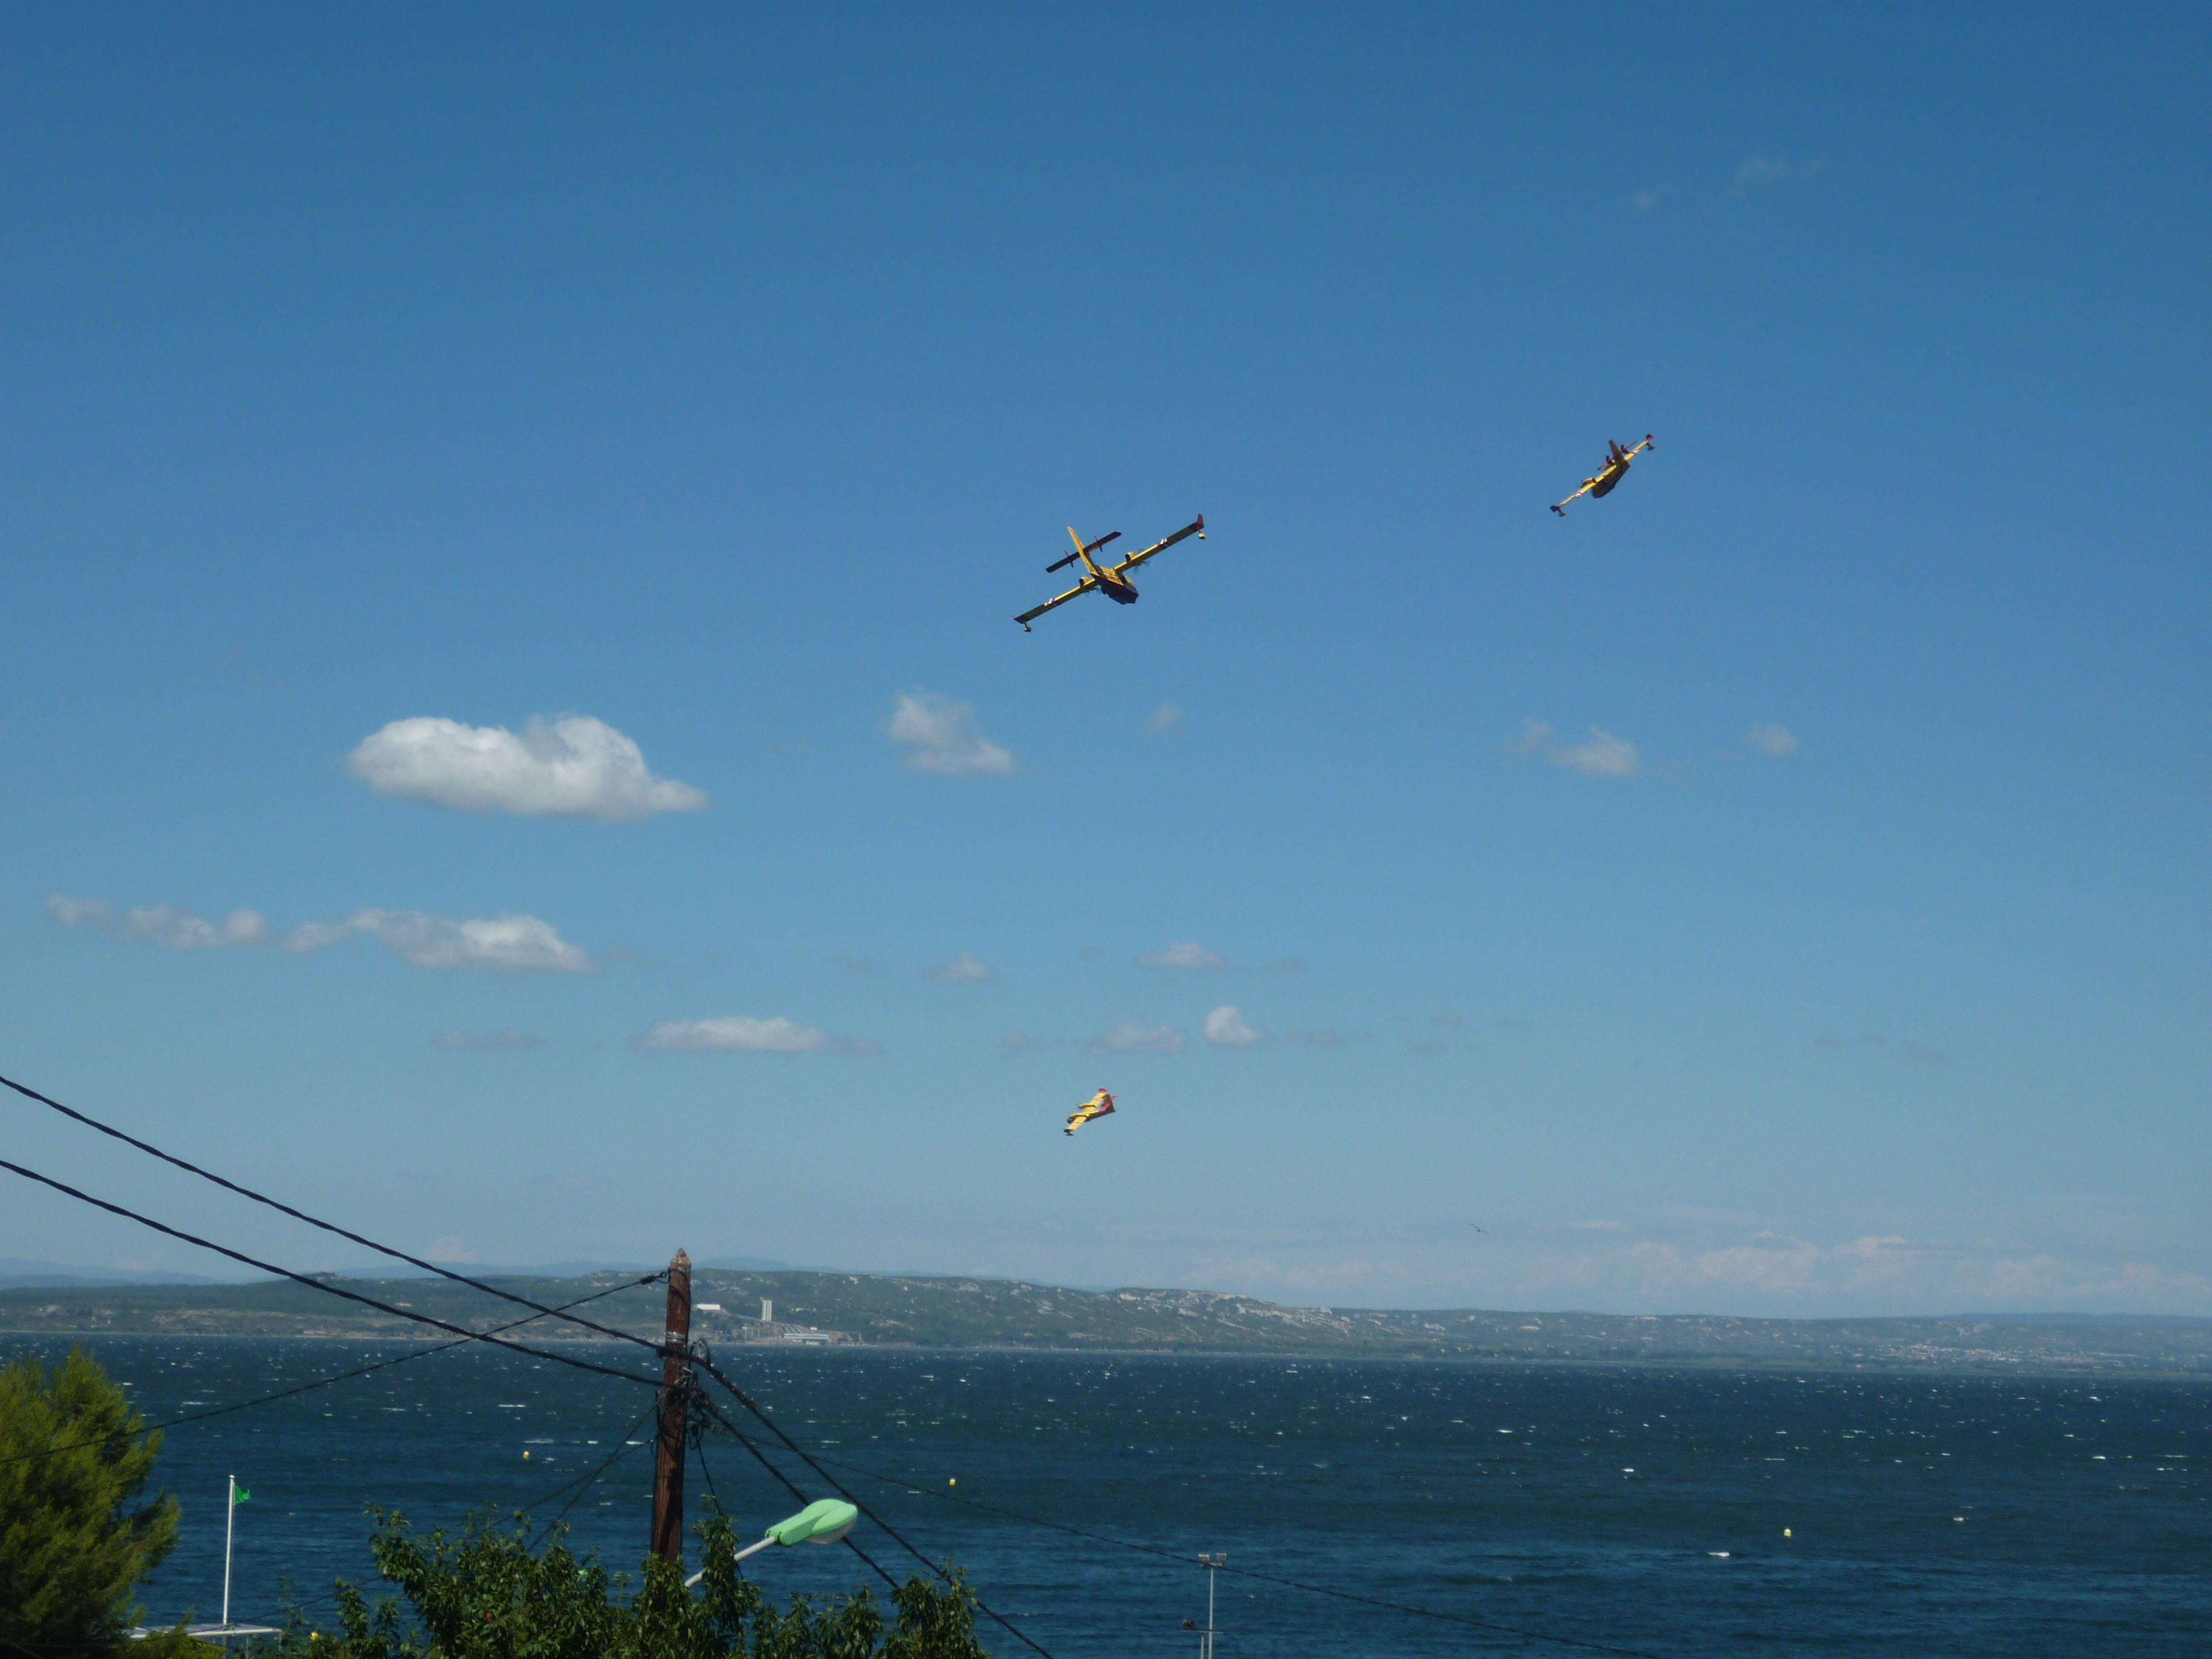 L'incendie à Istres a parcouru 5 hectares attisé par le vent